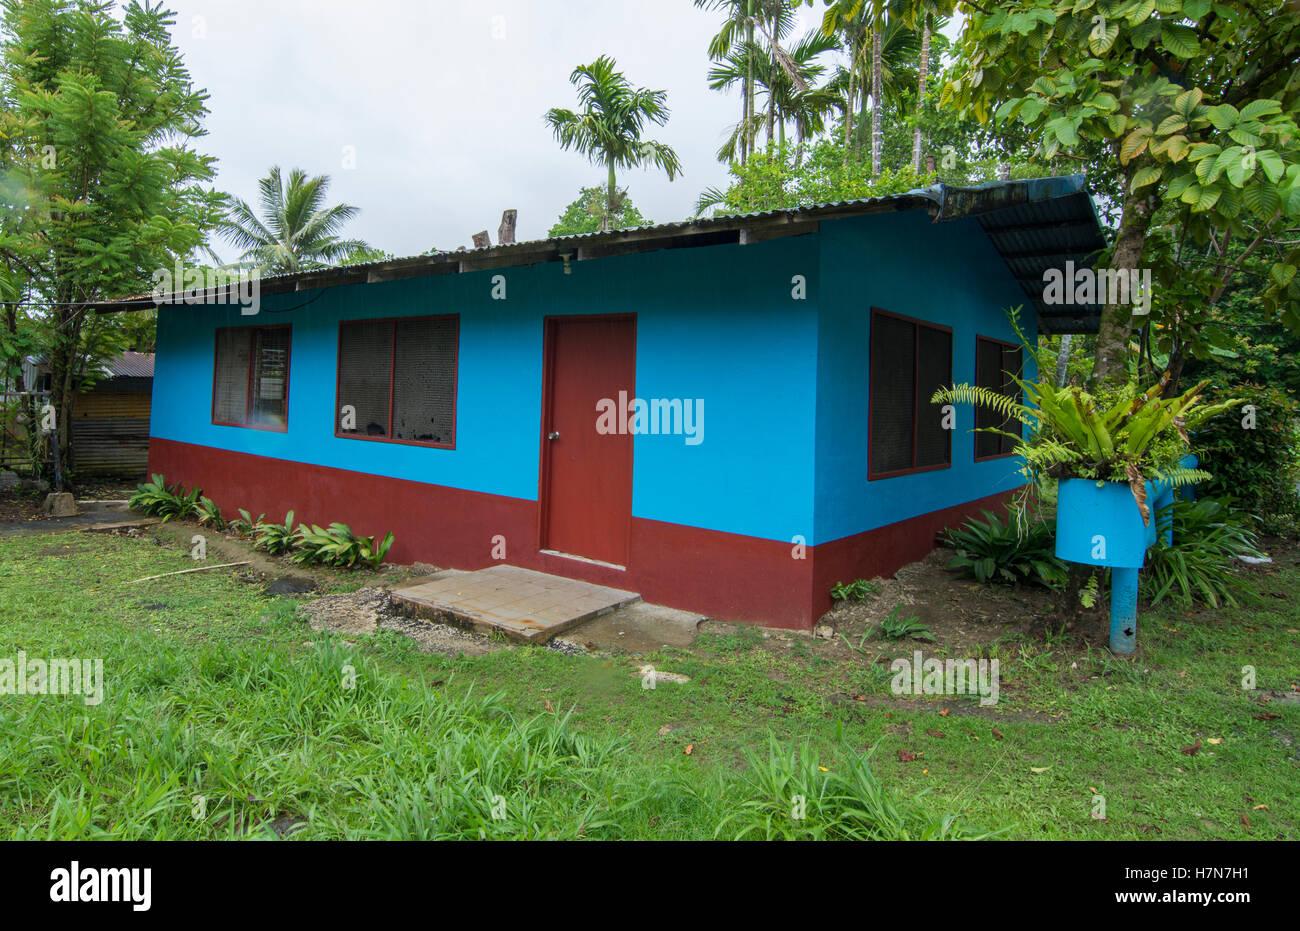 Pohnpei Mikronesien lokalen bunt blau mit üppigen Wald nach Hause Stockbild